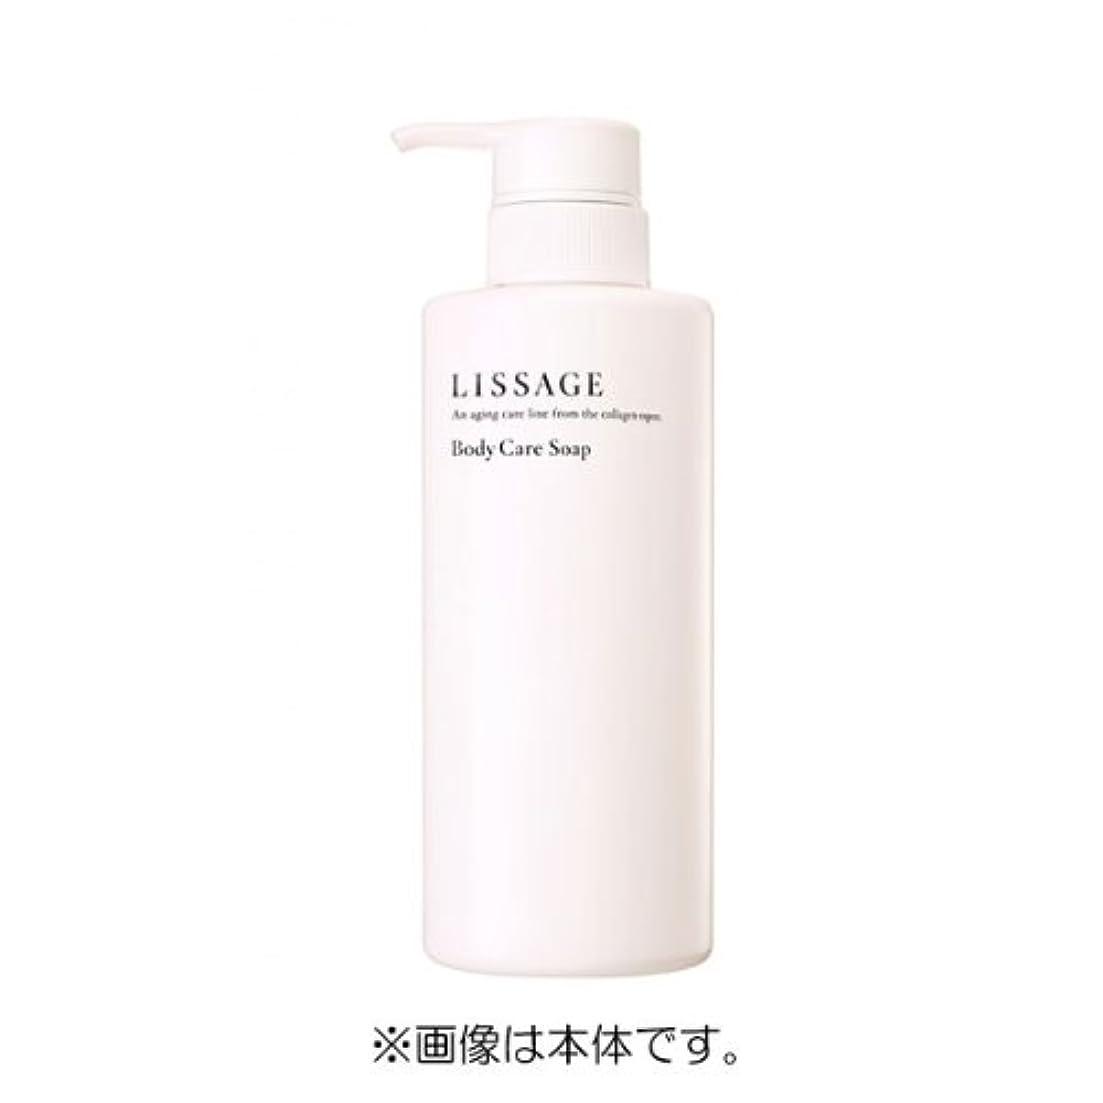 サラミ統合胸【リサージ】ボディケアソープ (レフィル) [ ボディ用洗浄料 ] 350mL